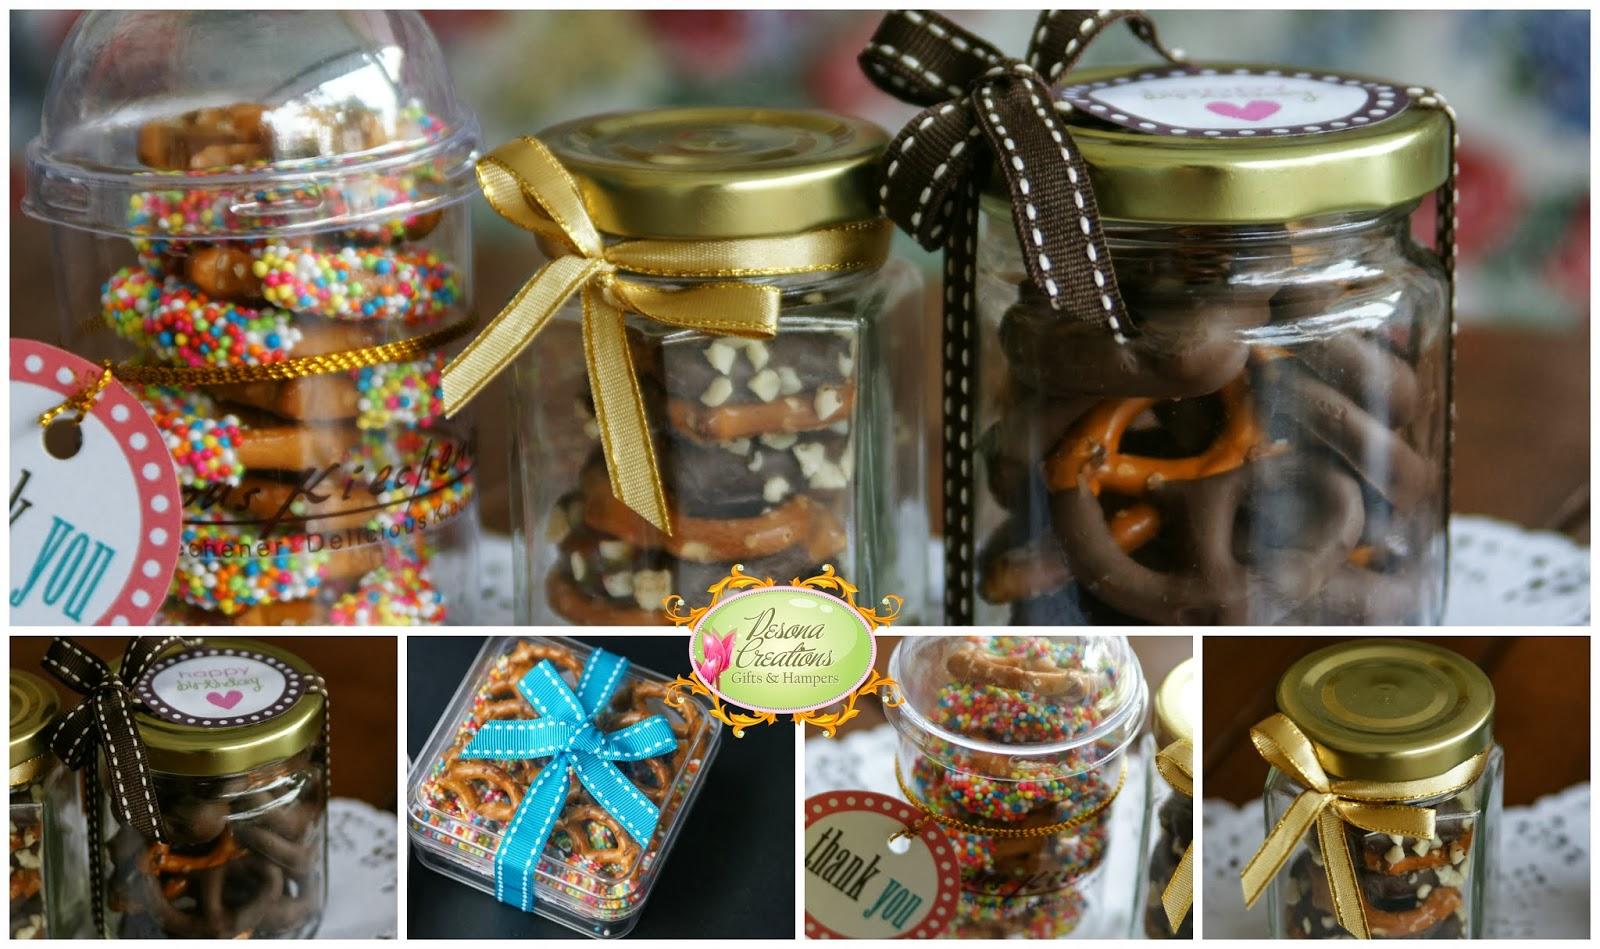 Contoh Door Gift: Pesona Creations Gifts & Hampers: Doorgift Chocolate Pretzels